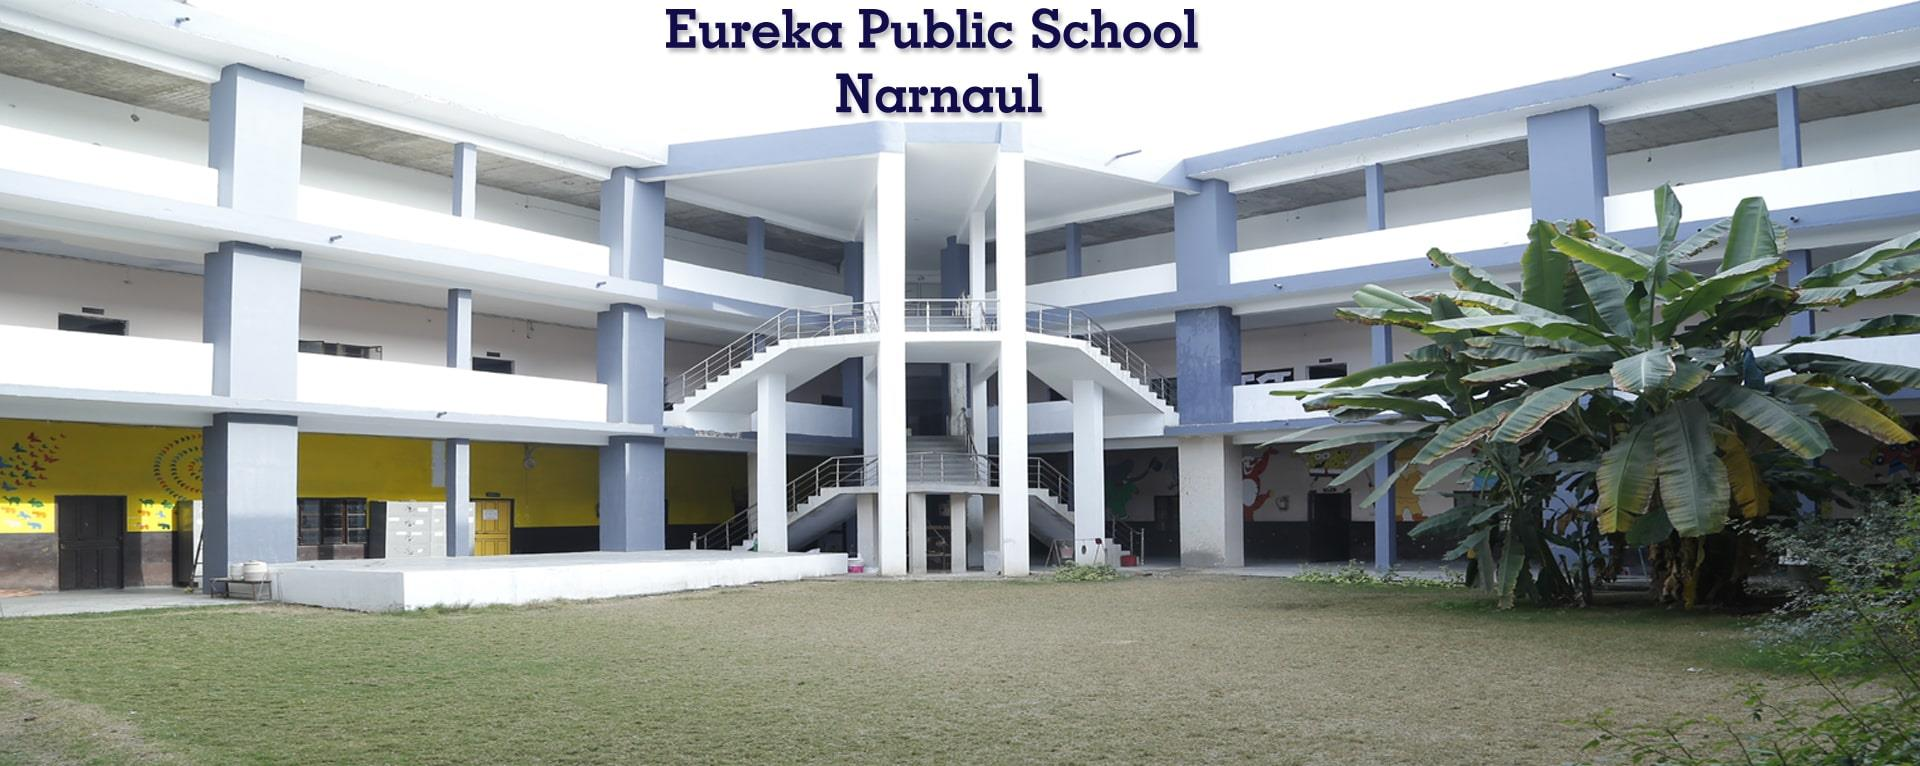 Eureka school